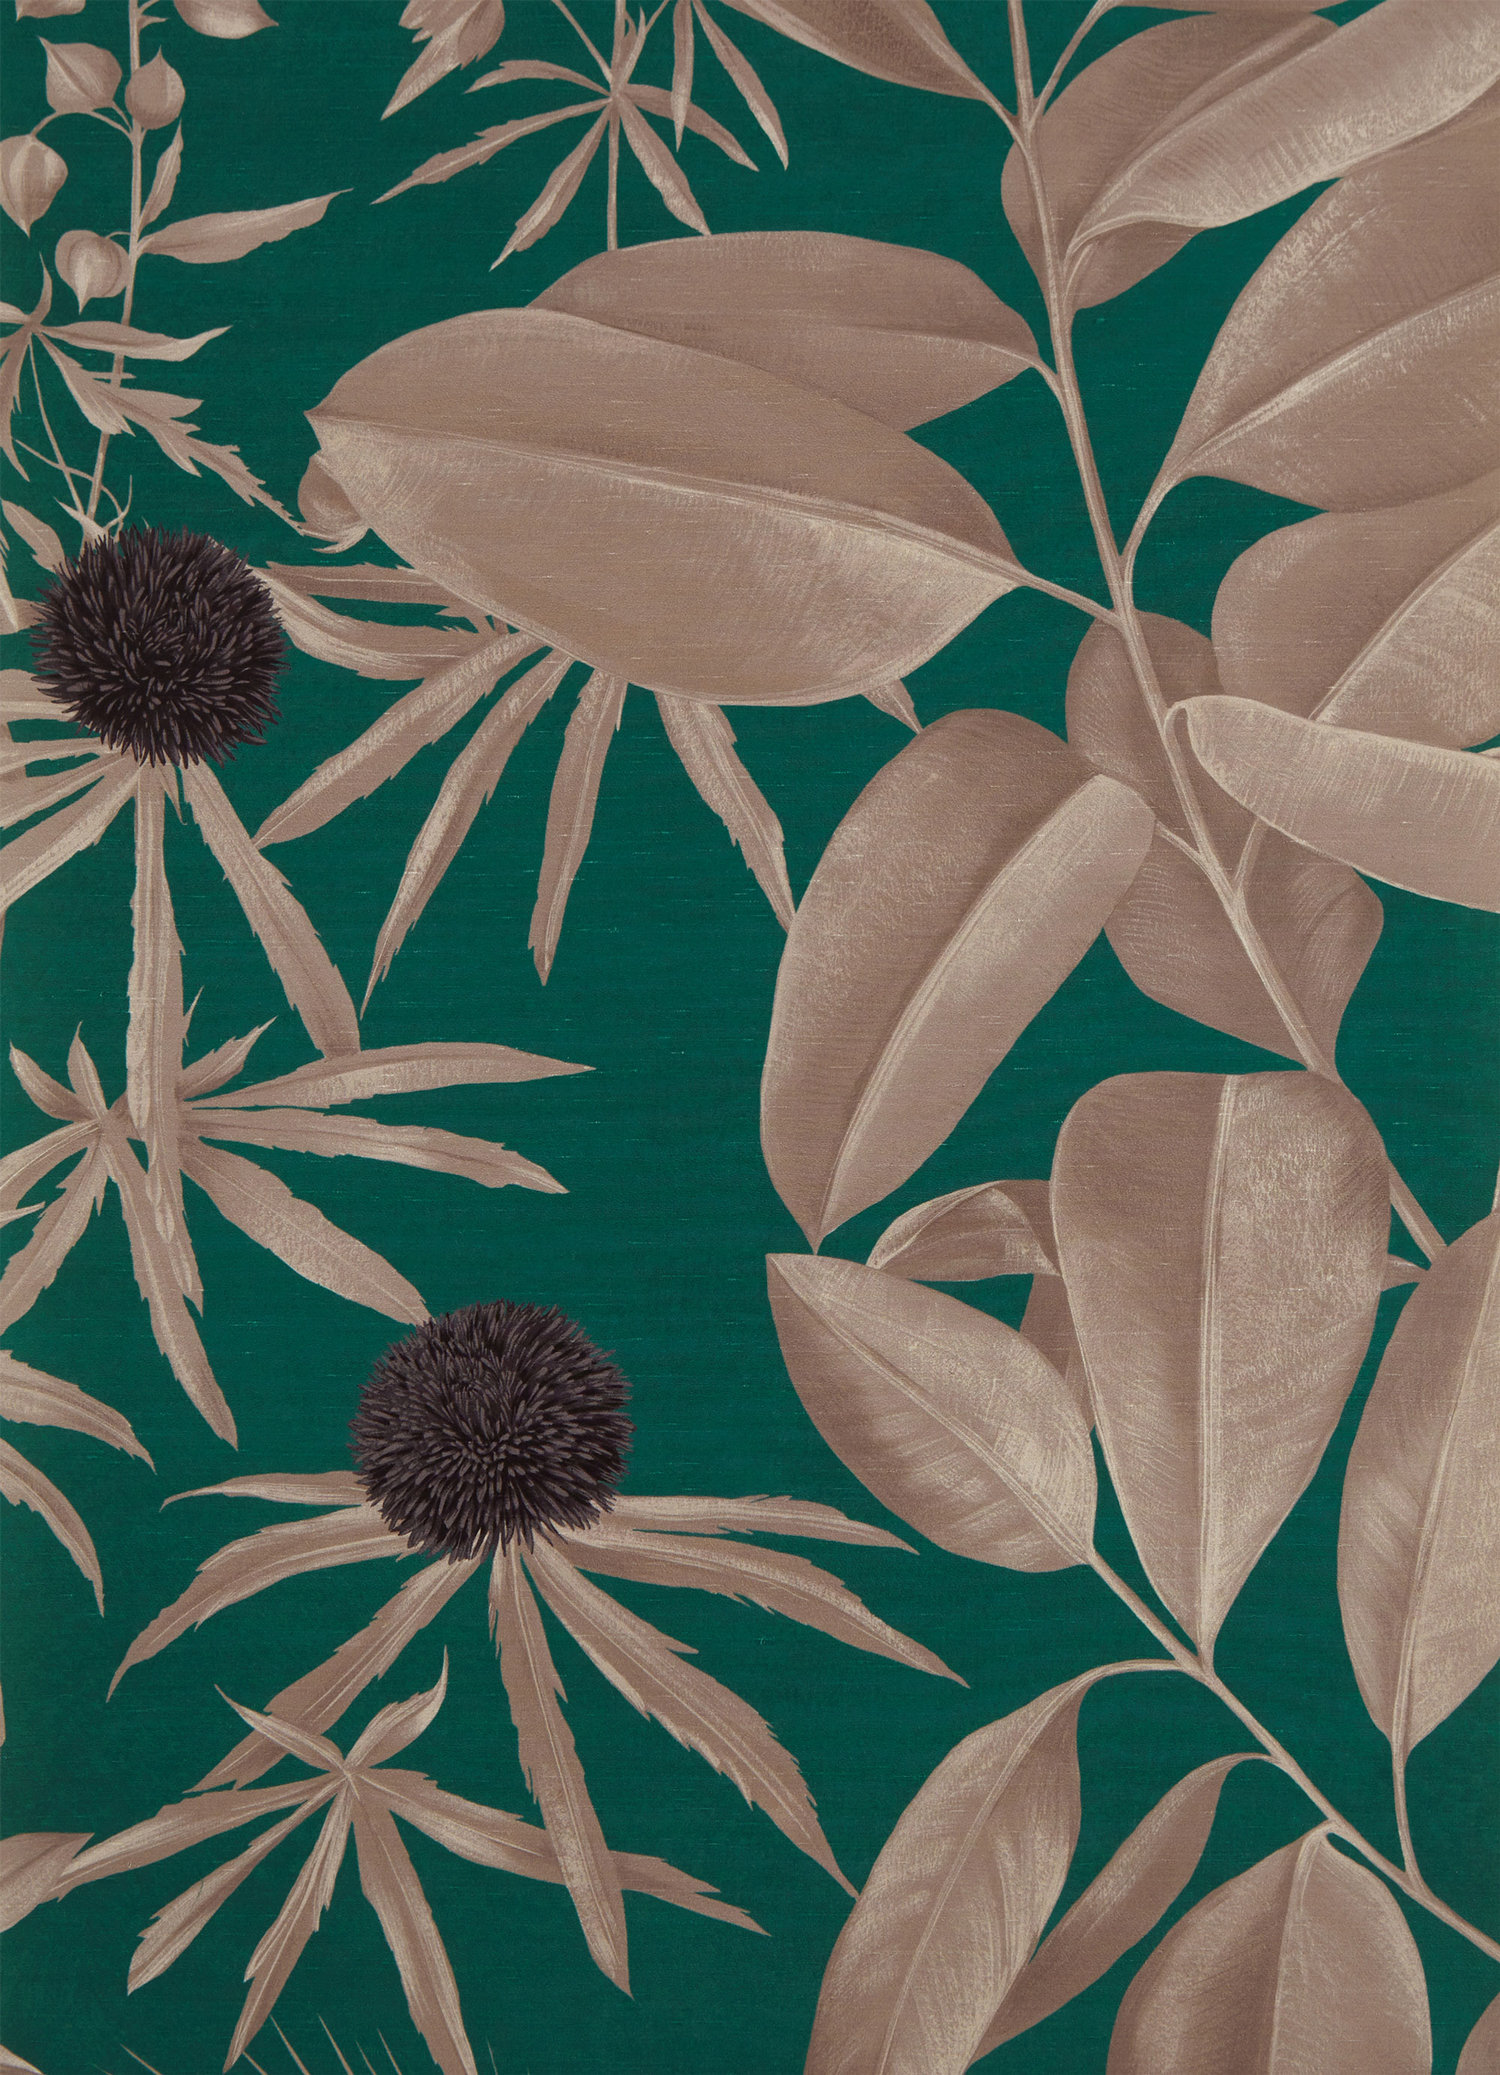 Green & Gold Wallpaper